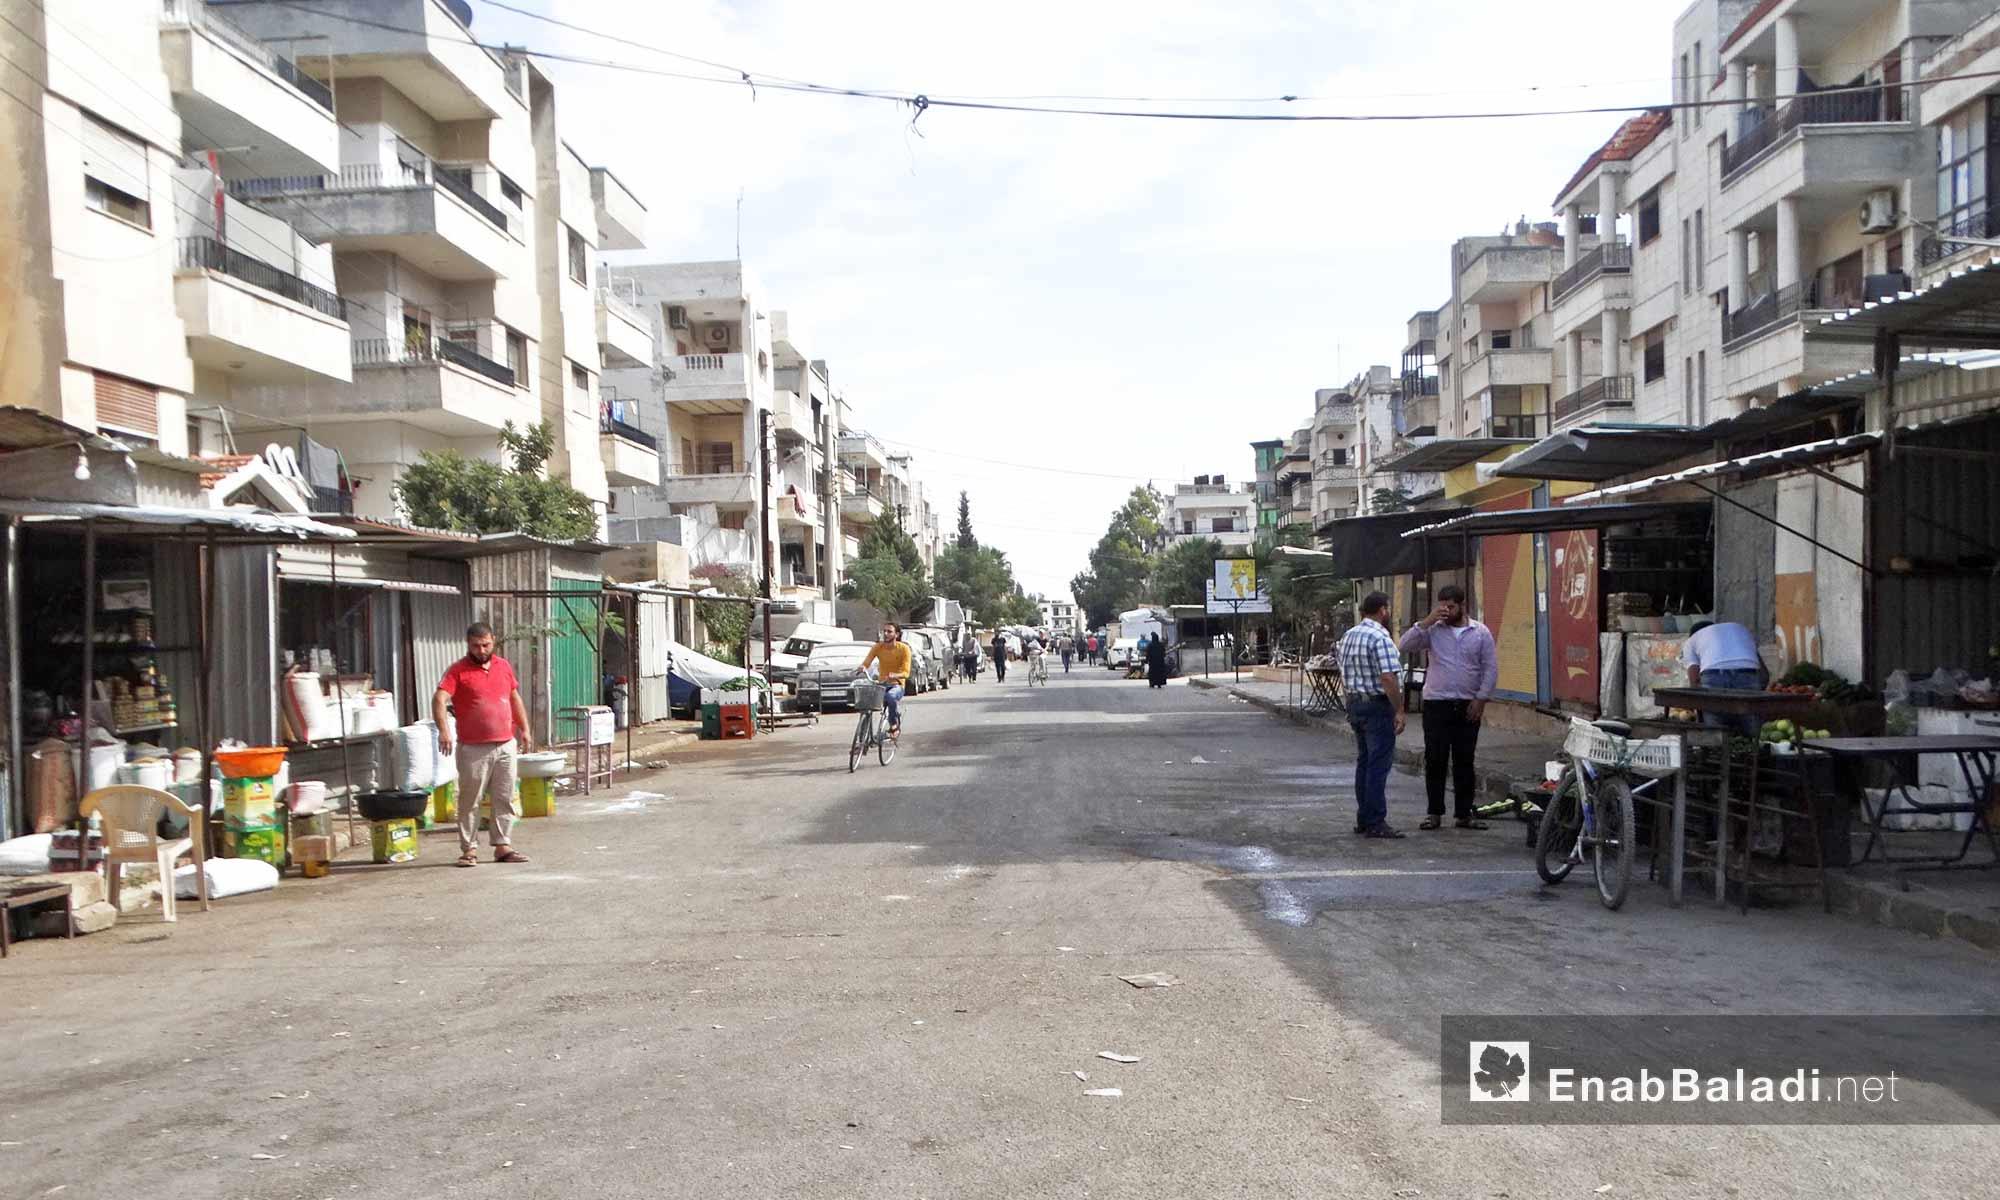 حي الوعر بحمص - 11 تشرين الأول 2016 (عنب بلدي)